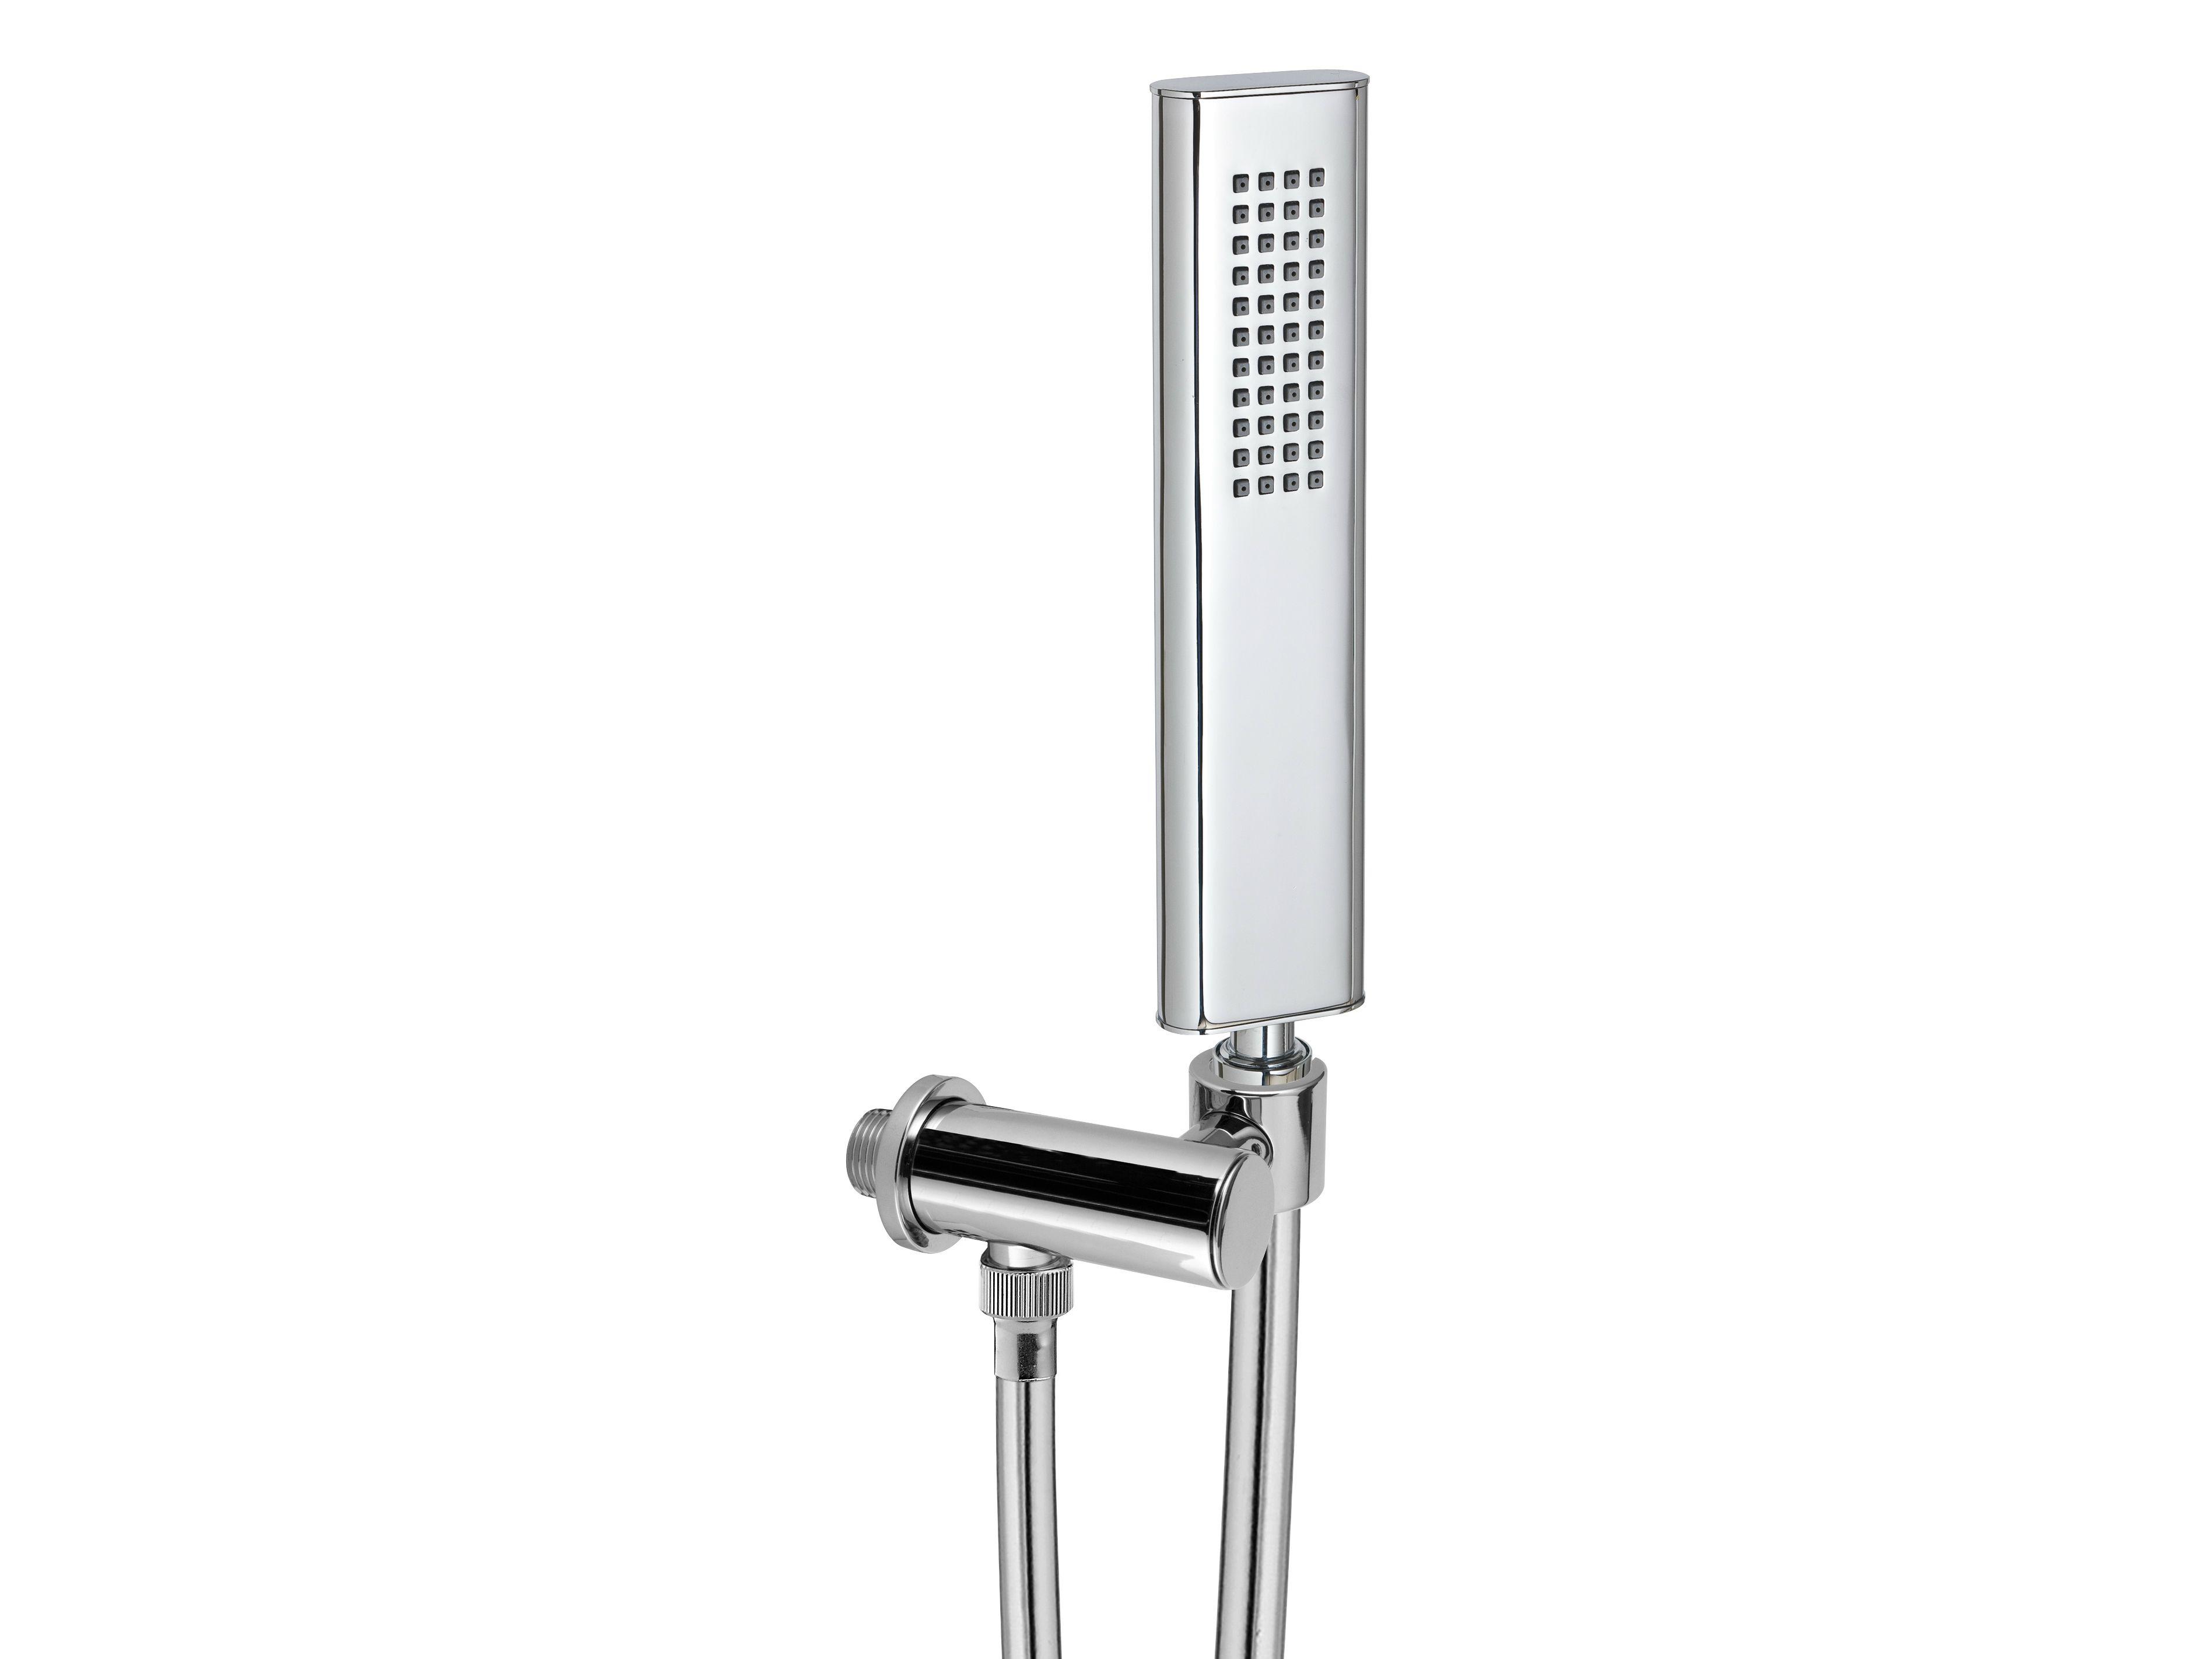 Imagens de #61666A Chuveiro de mão com mangueira com sistema anti calcário com suporte  3793x2845 px 3384 Bloco Cad Lavatório Banheiro